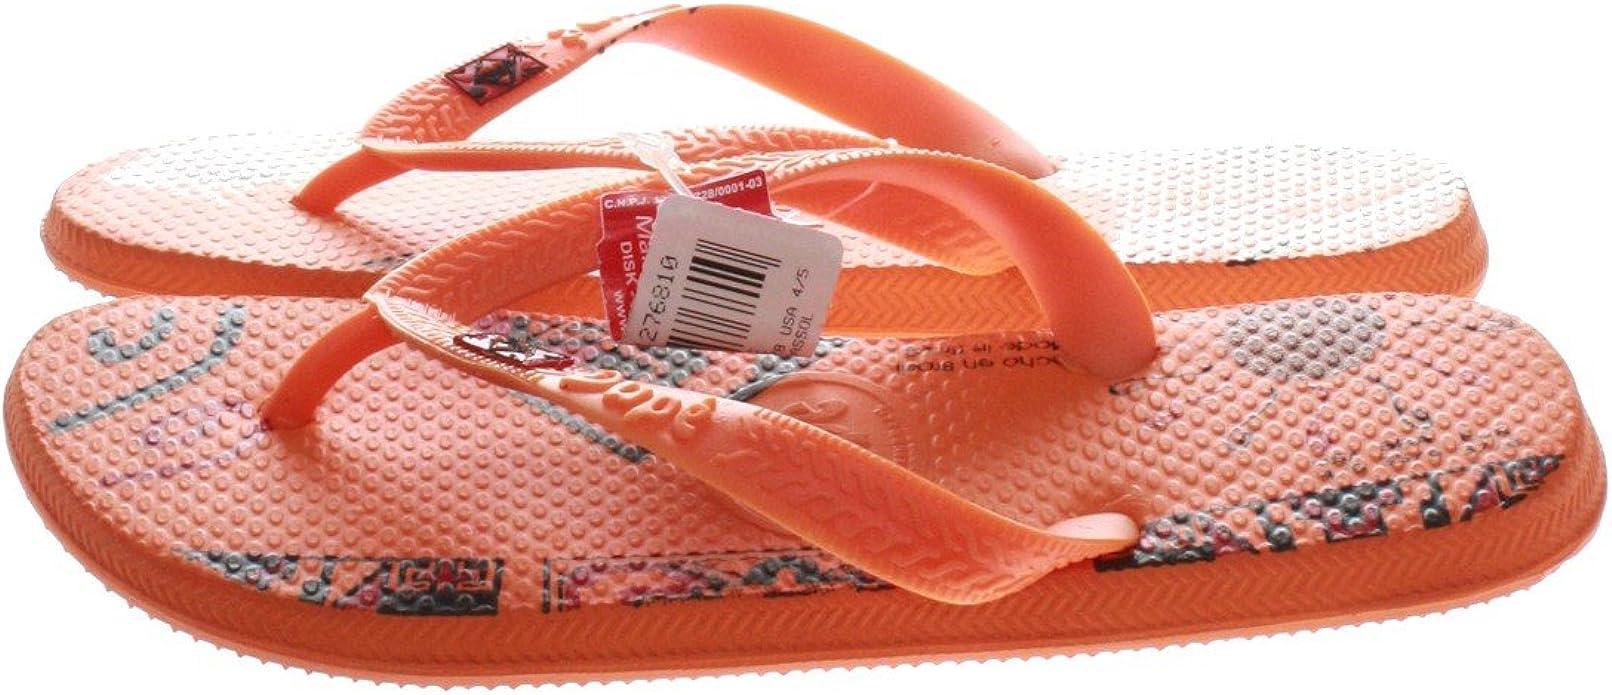 Unbekannt Mono Picture - Zapatillas de Running para Mujer Naranja Naranja, Color Naranja, Talla EUR 41/42: Amazon.es: Zapatos y complementos